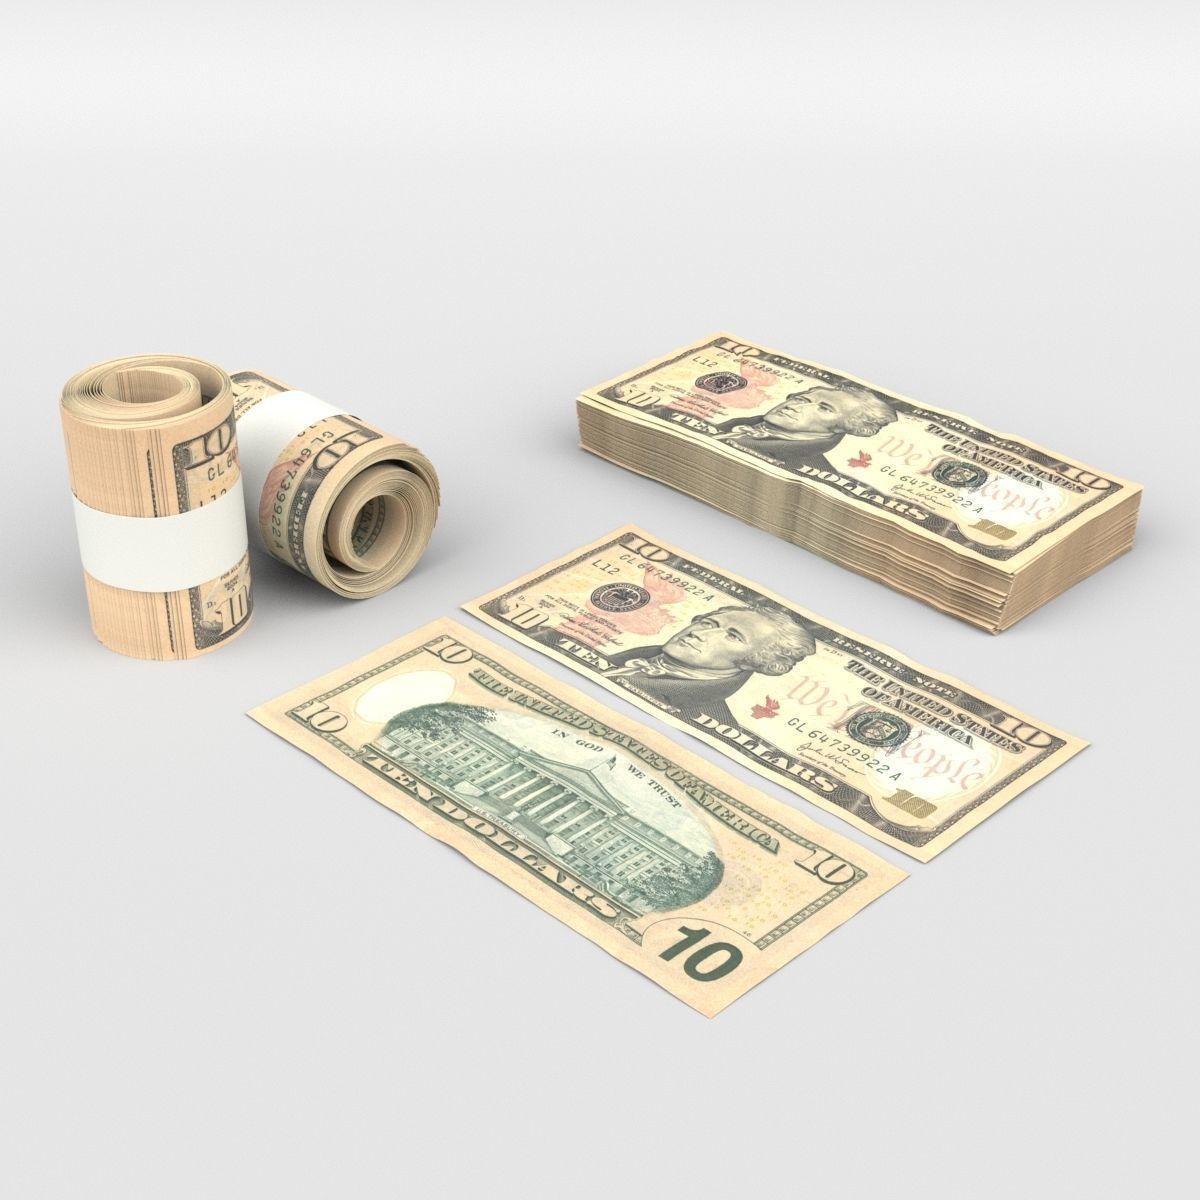 10 US Dollars